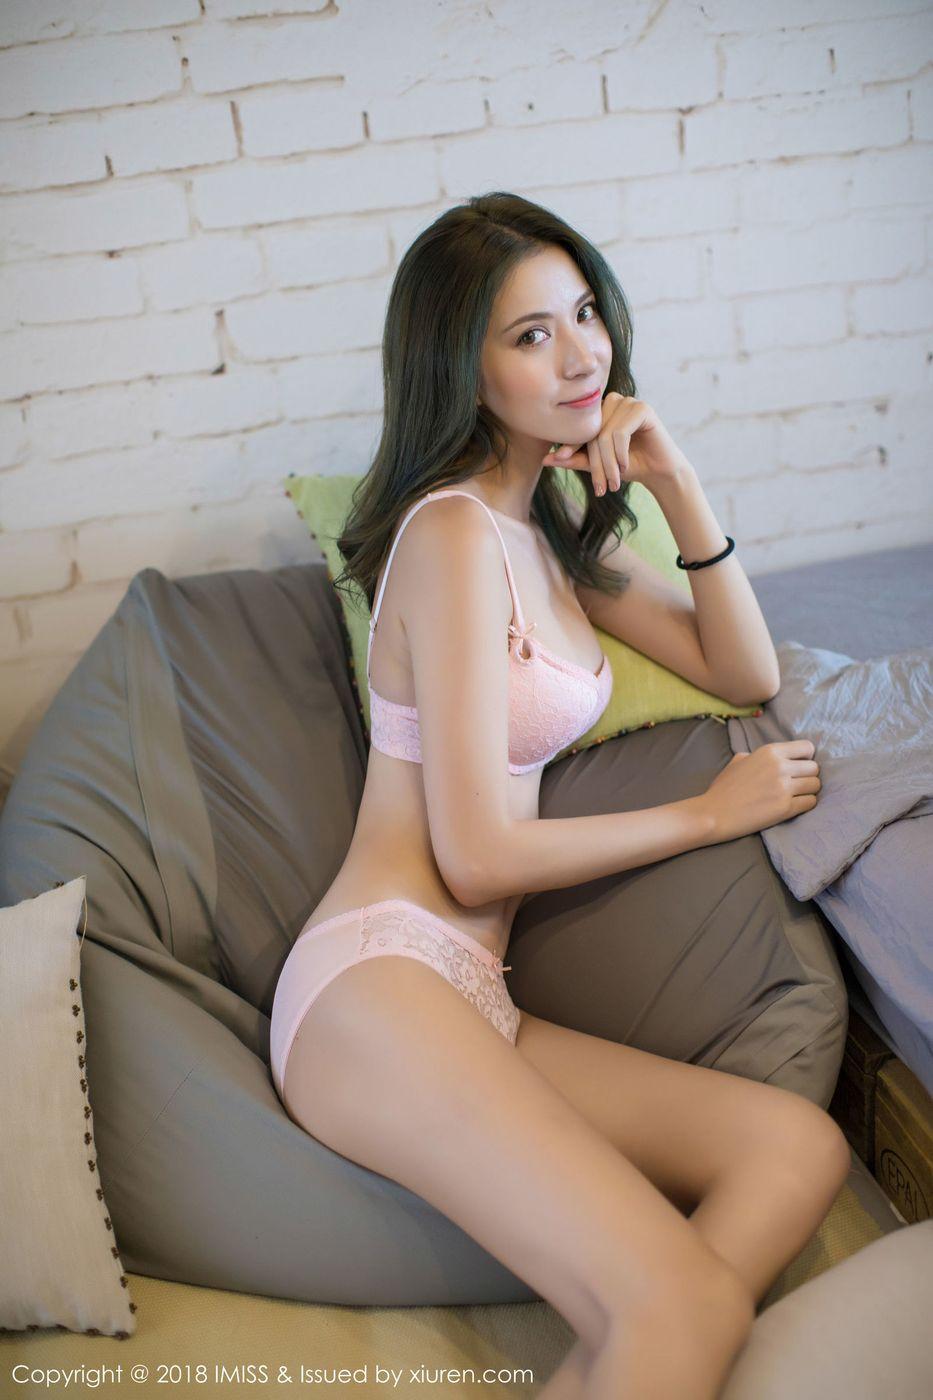 [IMiss爱蜜社] 气质美女陈良玲Carry黑丝美腿内衣诱惑主题写真 Vol.223